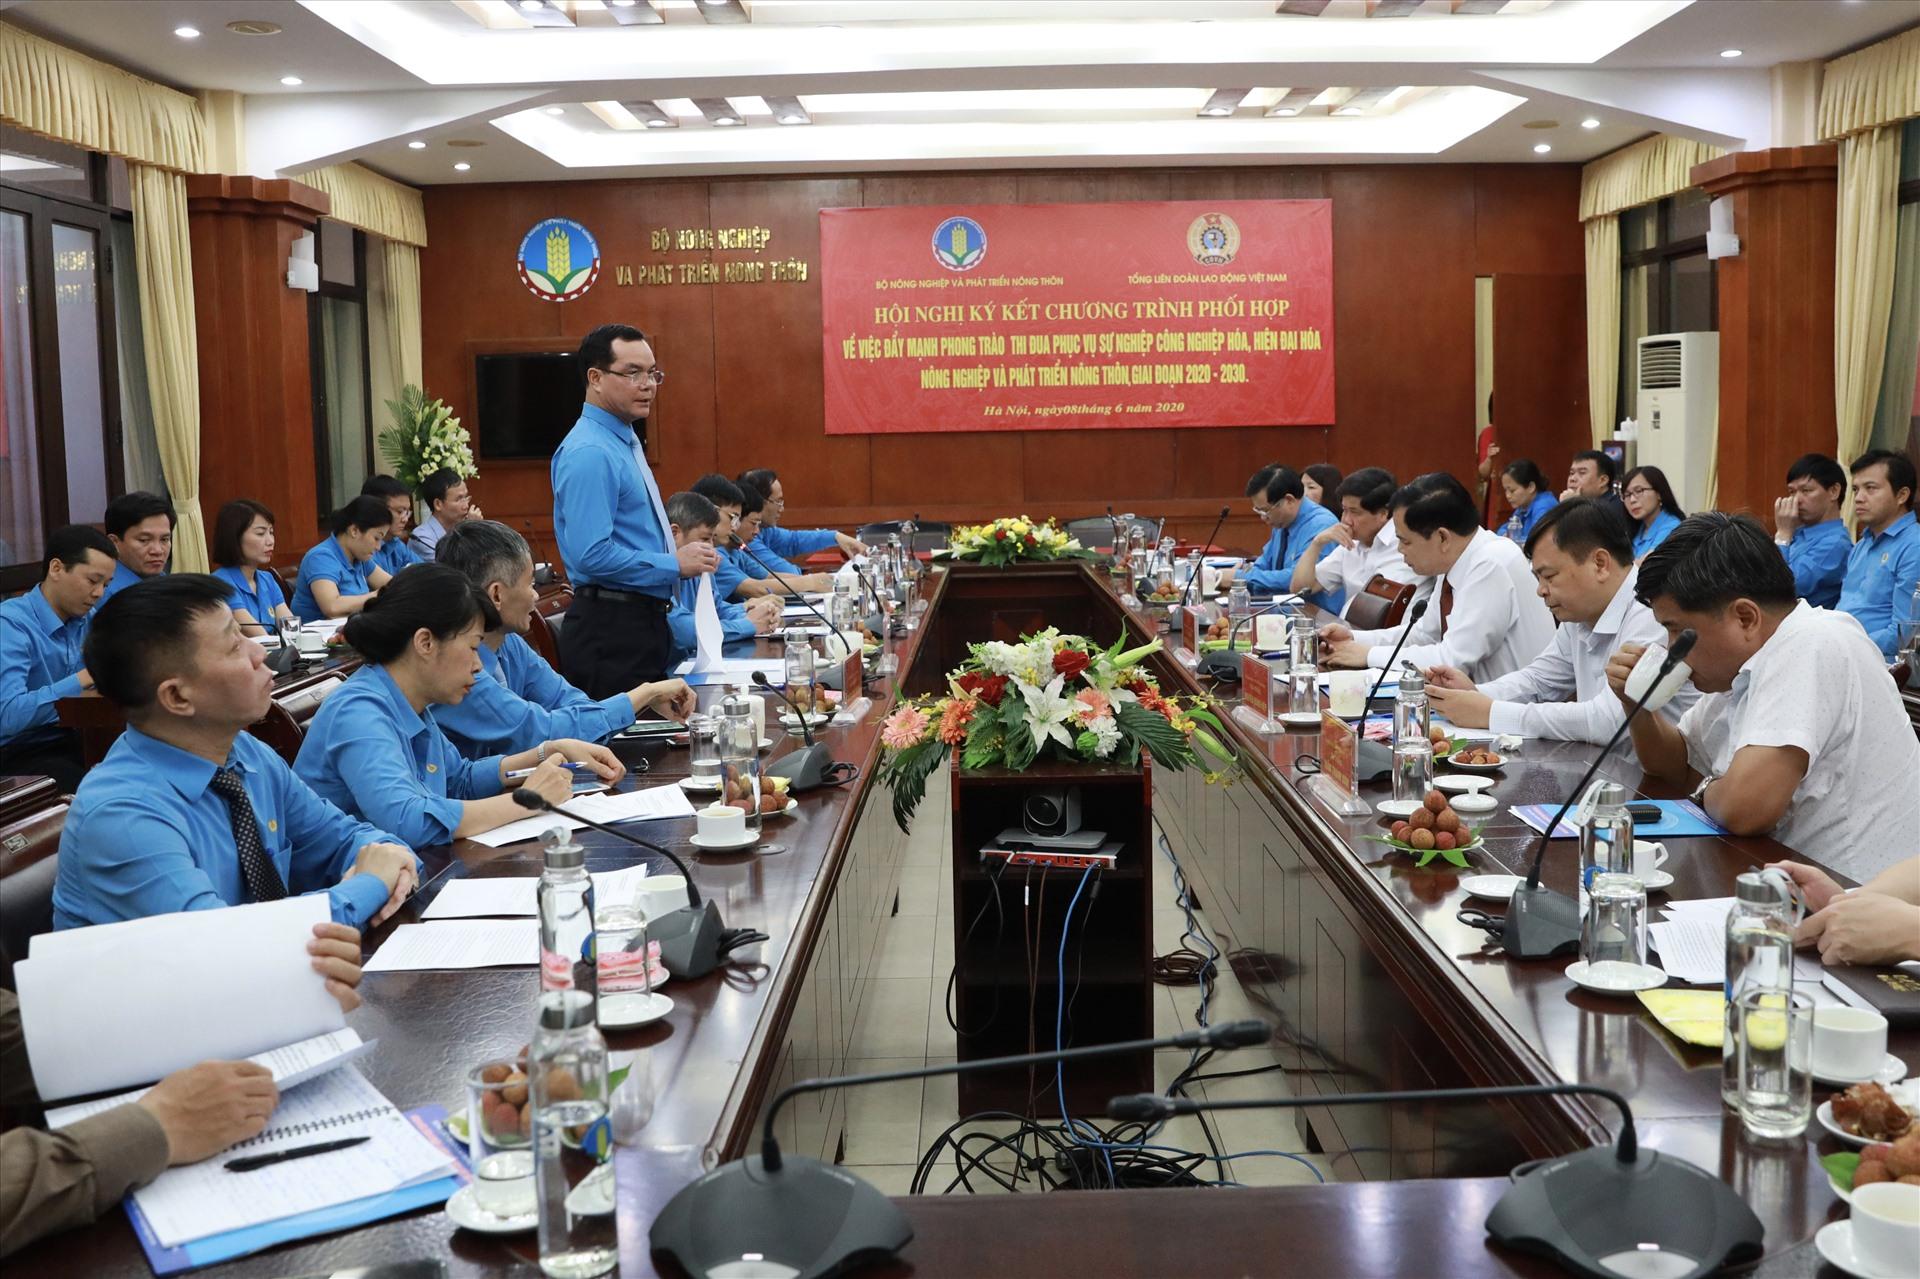 Chủ tịch TLĐ Nguyễn Đình Khang phát biểu tại Lễ ký kết. Ảnh: Hải Nguyễn